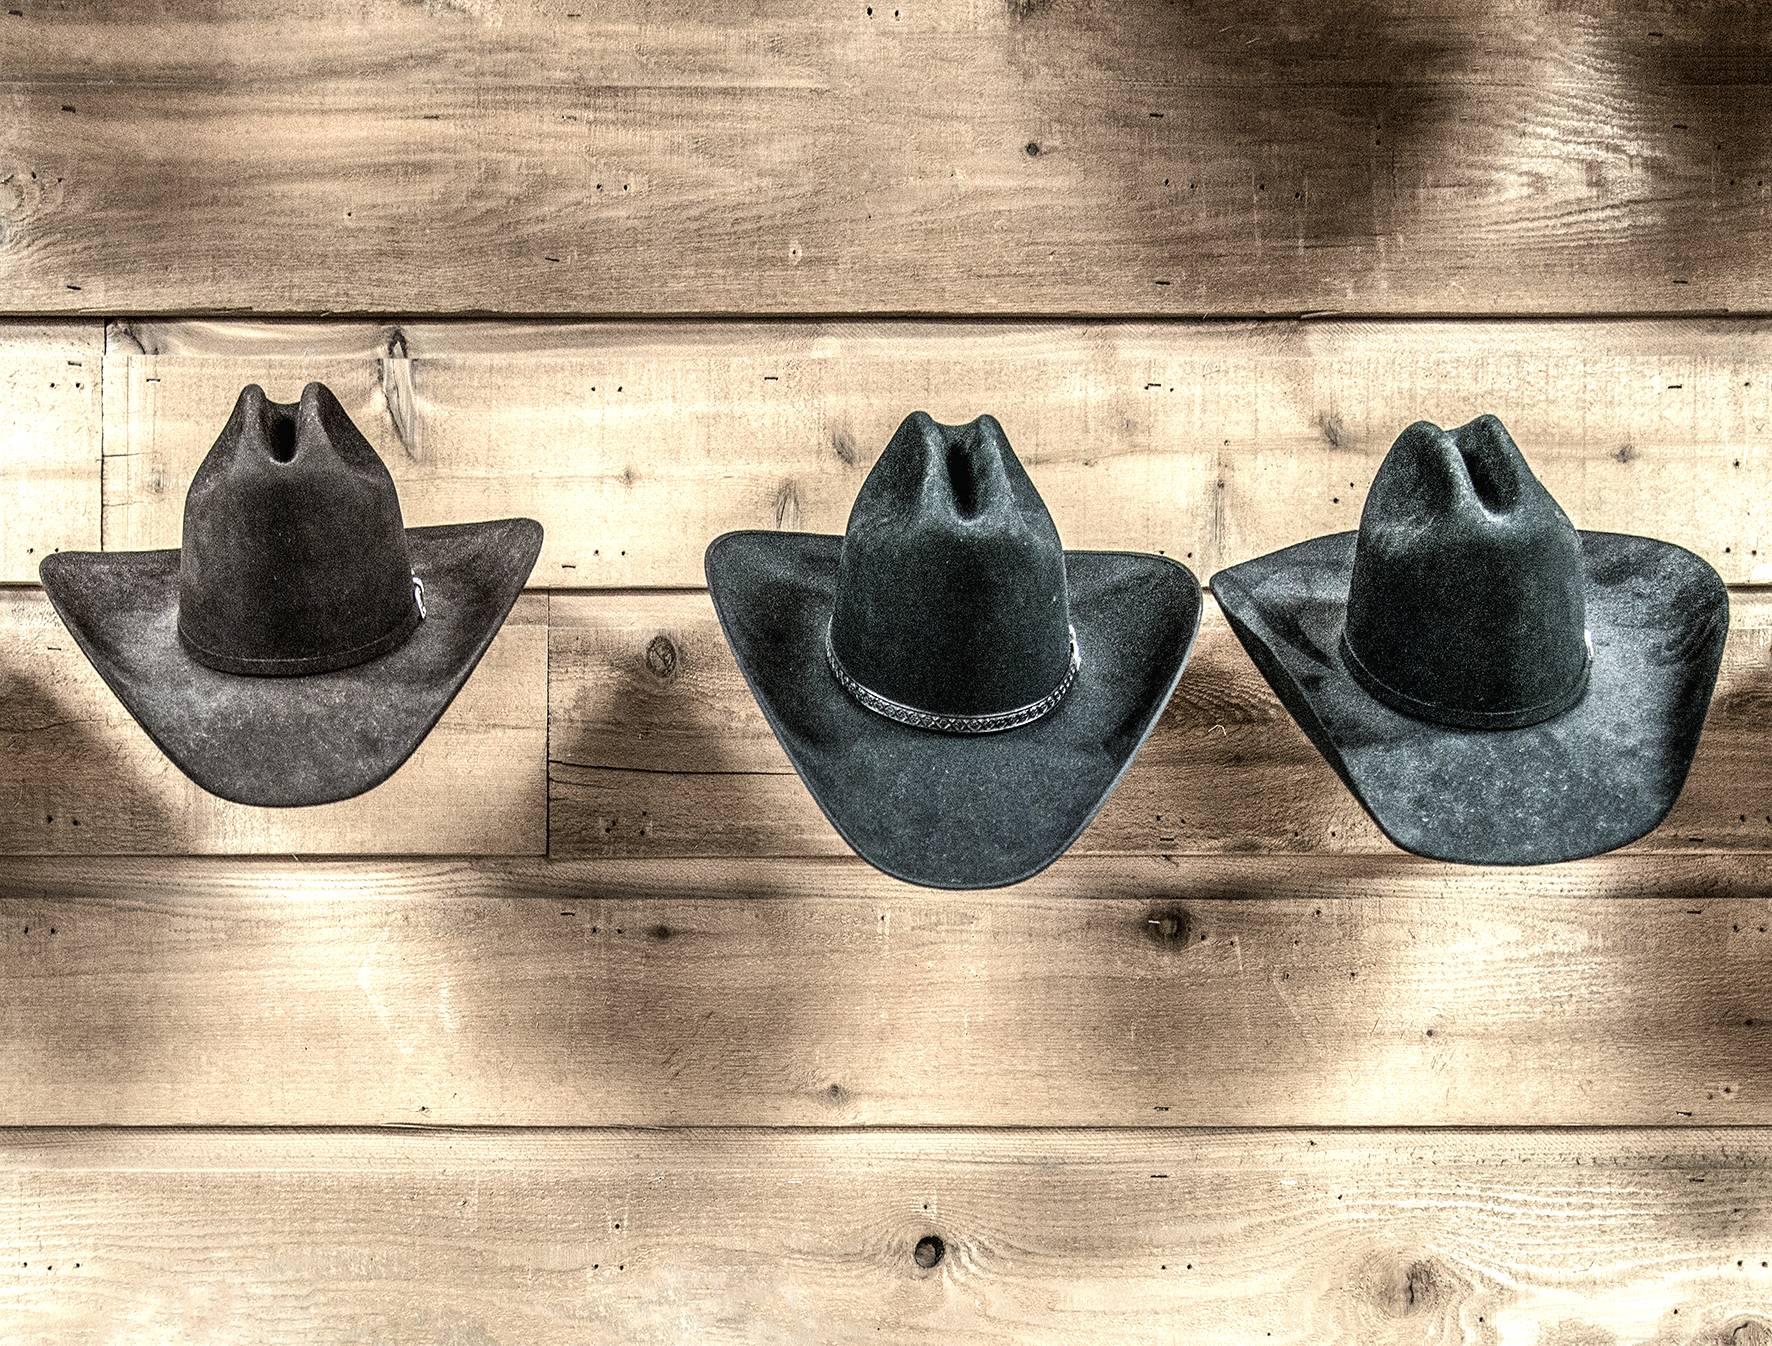 51 Far Fading West, Three Cowboy Hats, 2017